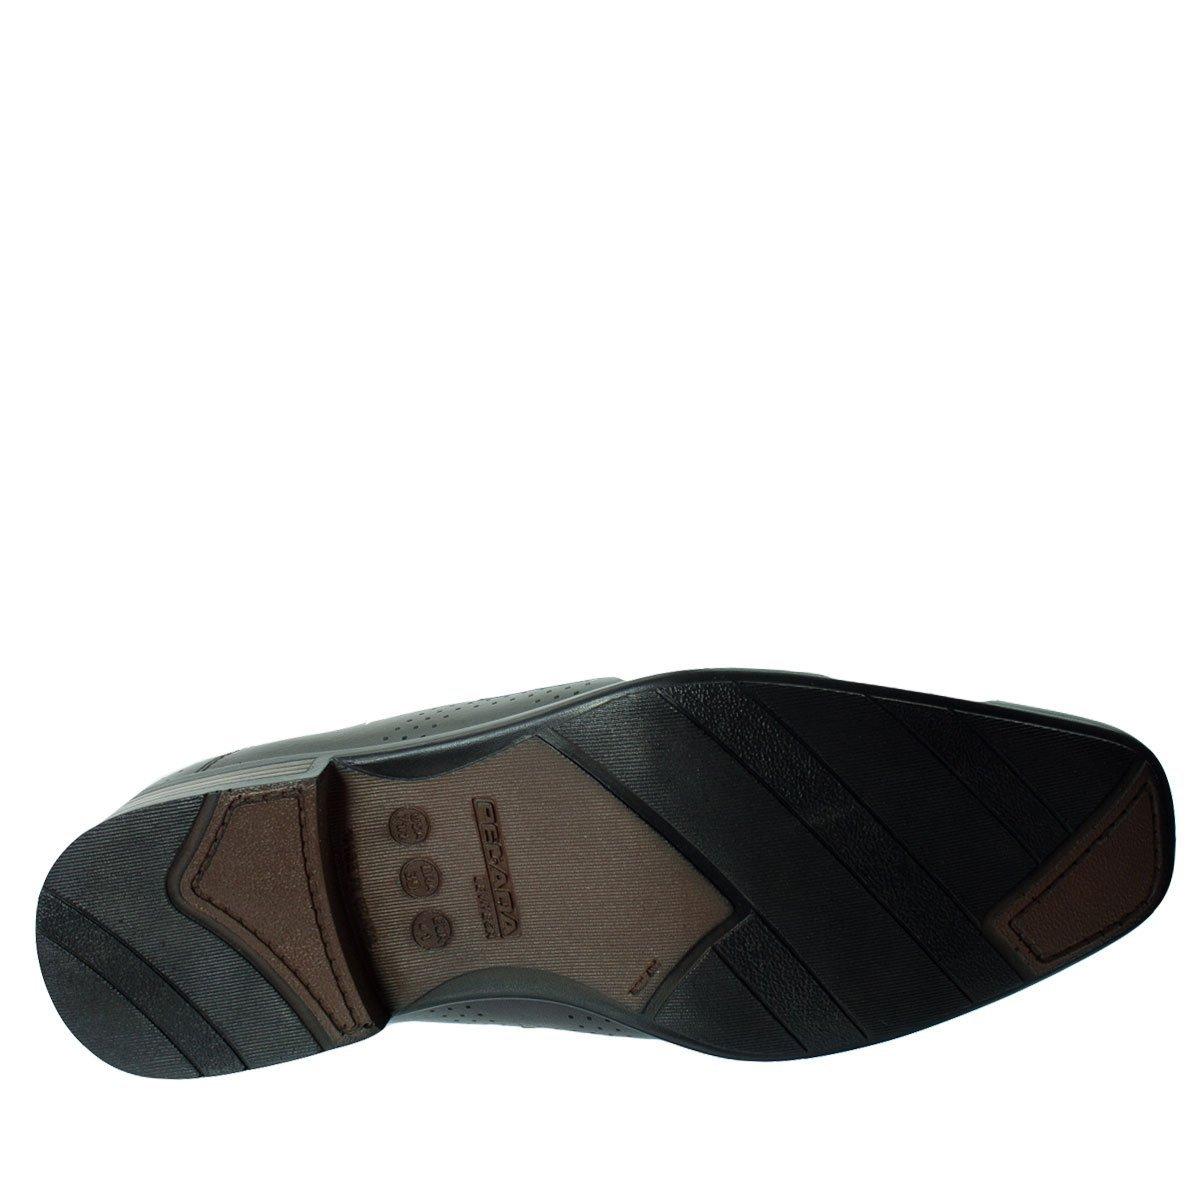 72ef477fc7 Sapato Social Pegada Anilina Levitech Vegetal - Marrom - Compre ...